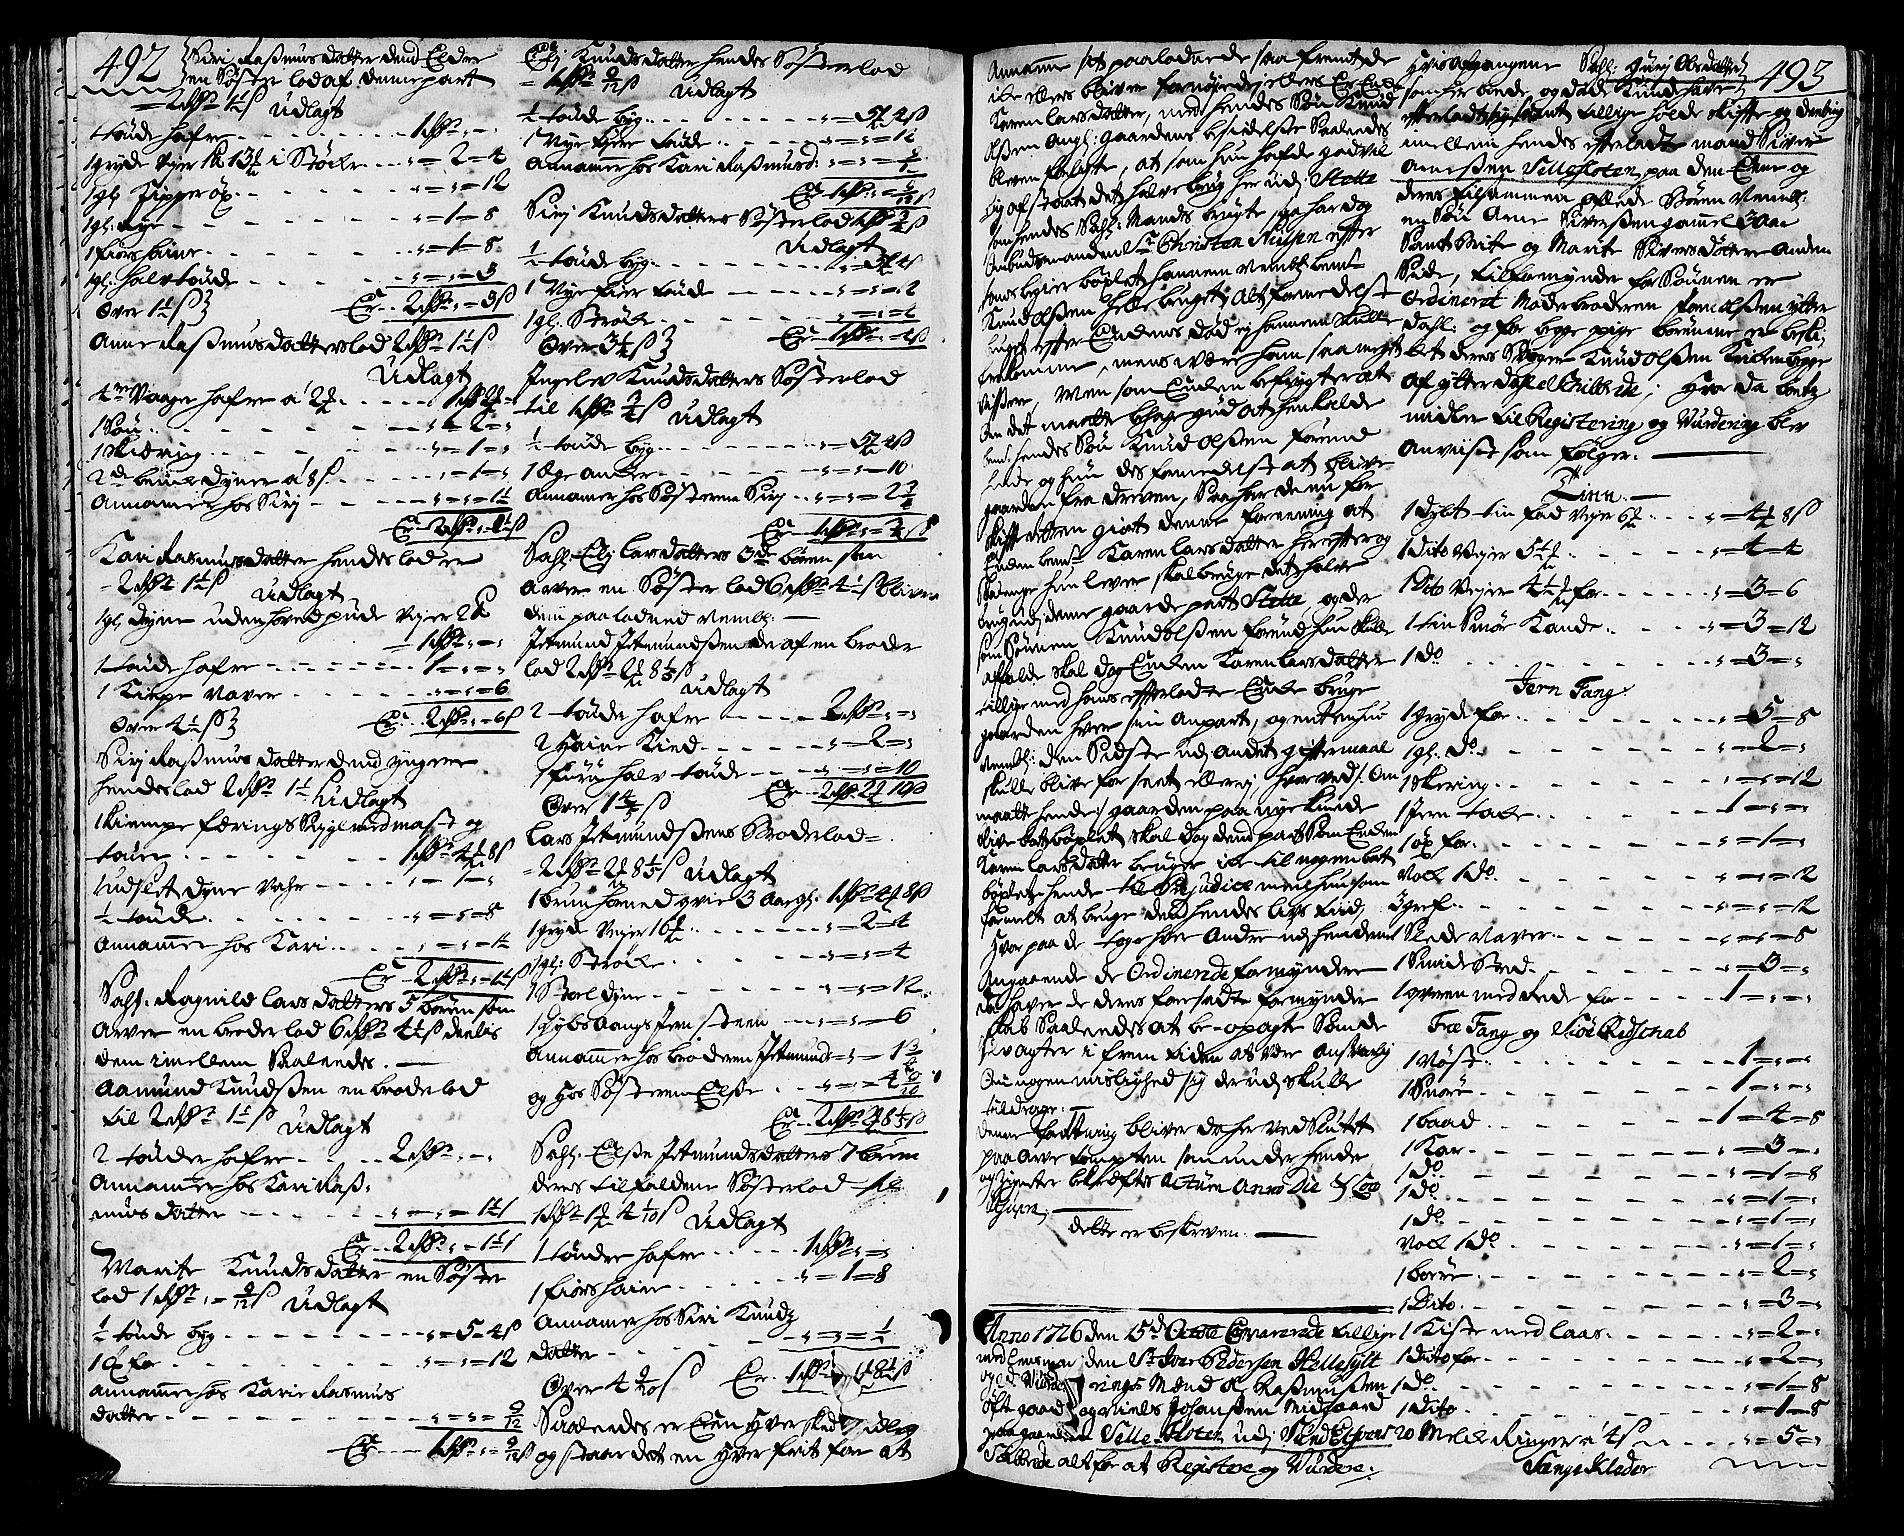 SAT, Sunnmøre sorenskriveri, 3/3A/L0009: Skifteprotokoll 07, 1725-1728, s. 492-493